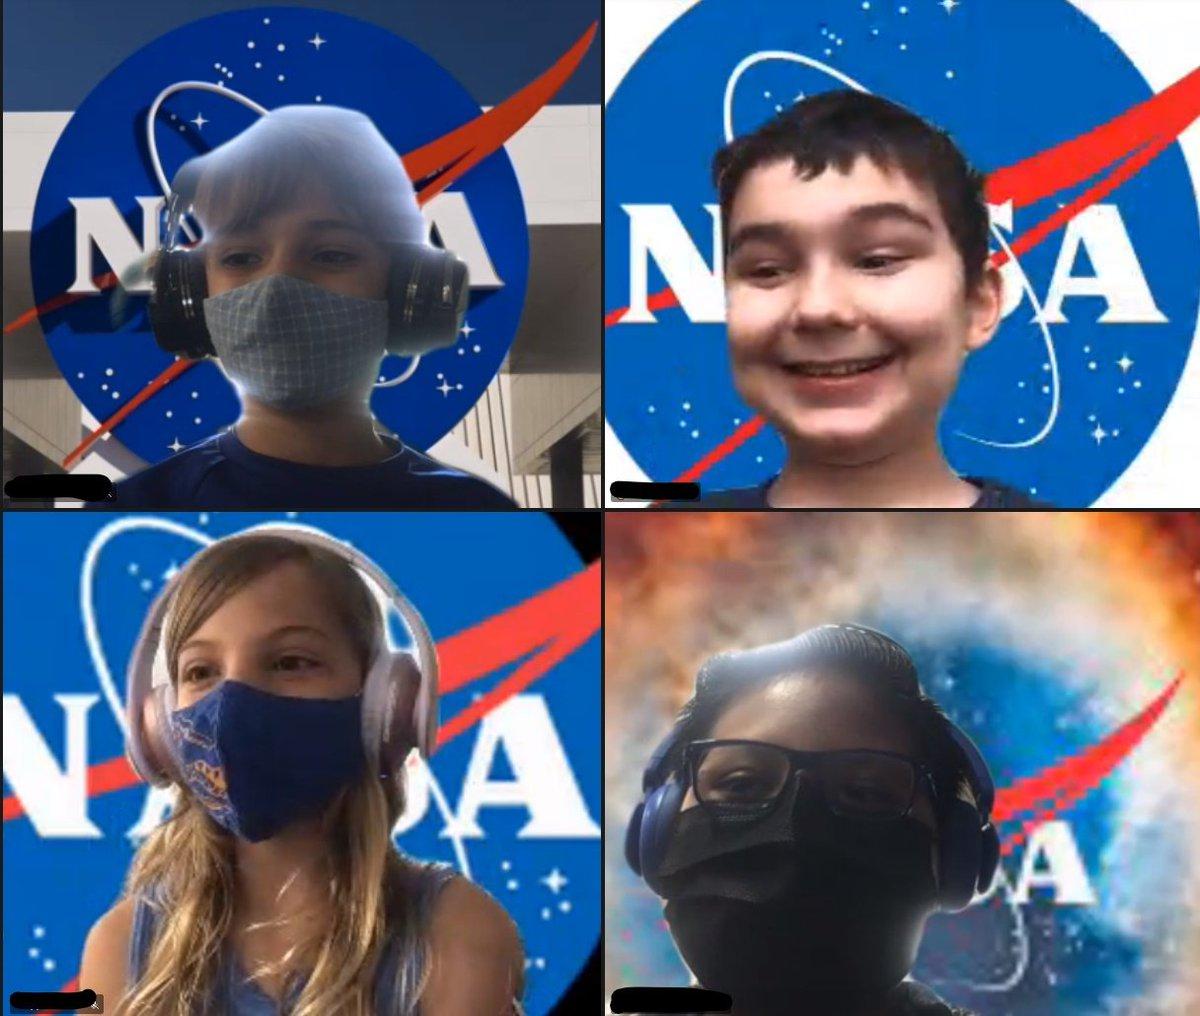 Học sinh lớp 3 Barrett thể hiện #KWBPride NASA Explorer School Spirit khi tìm hiểu về các loại máy đơn giản với @NASA_eClips #FunFriday #Science @APSscience @NASA_Langley @NASASTEM #NASAedu https://t.co/eFjR9uIR1N